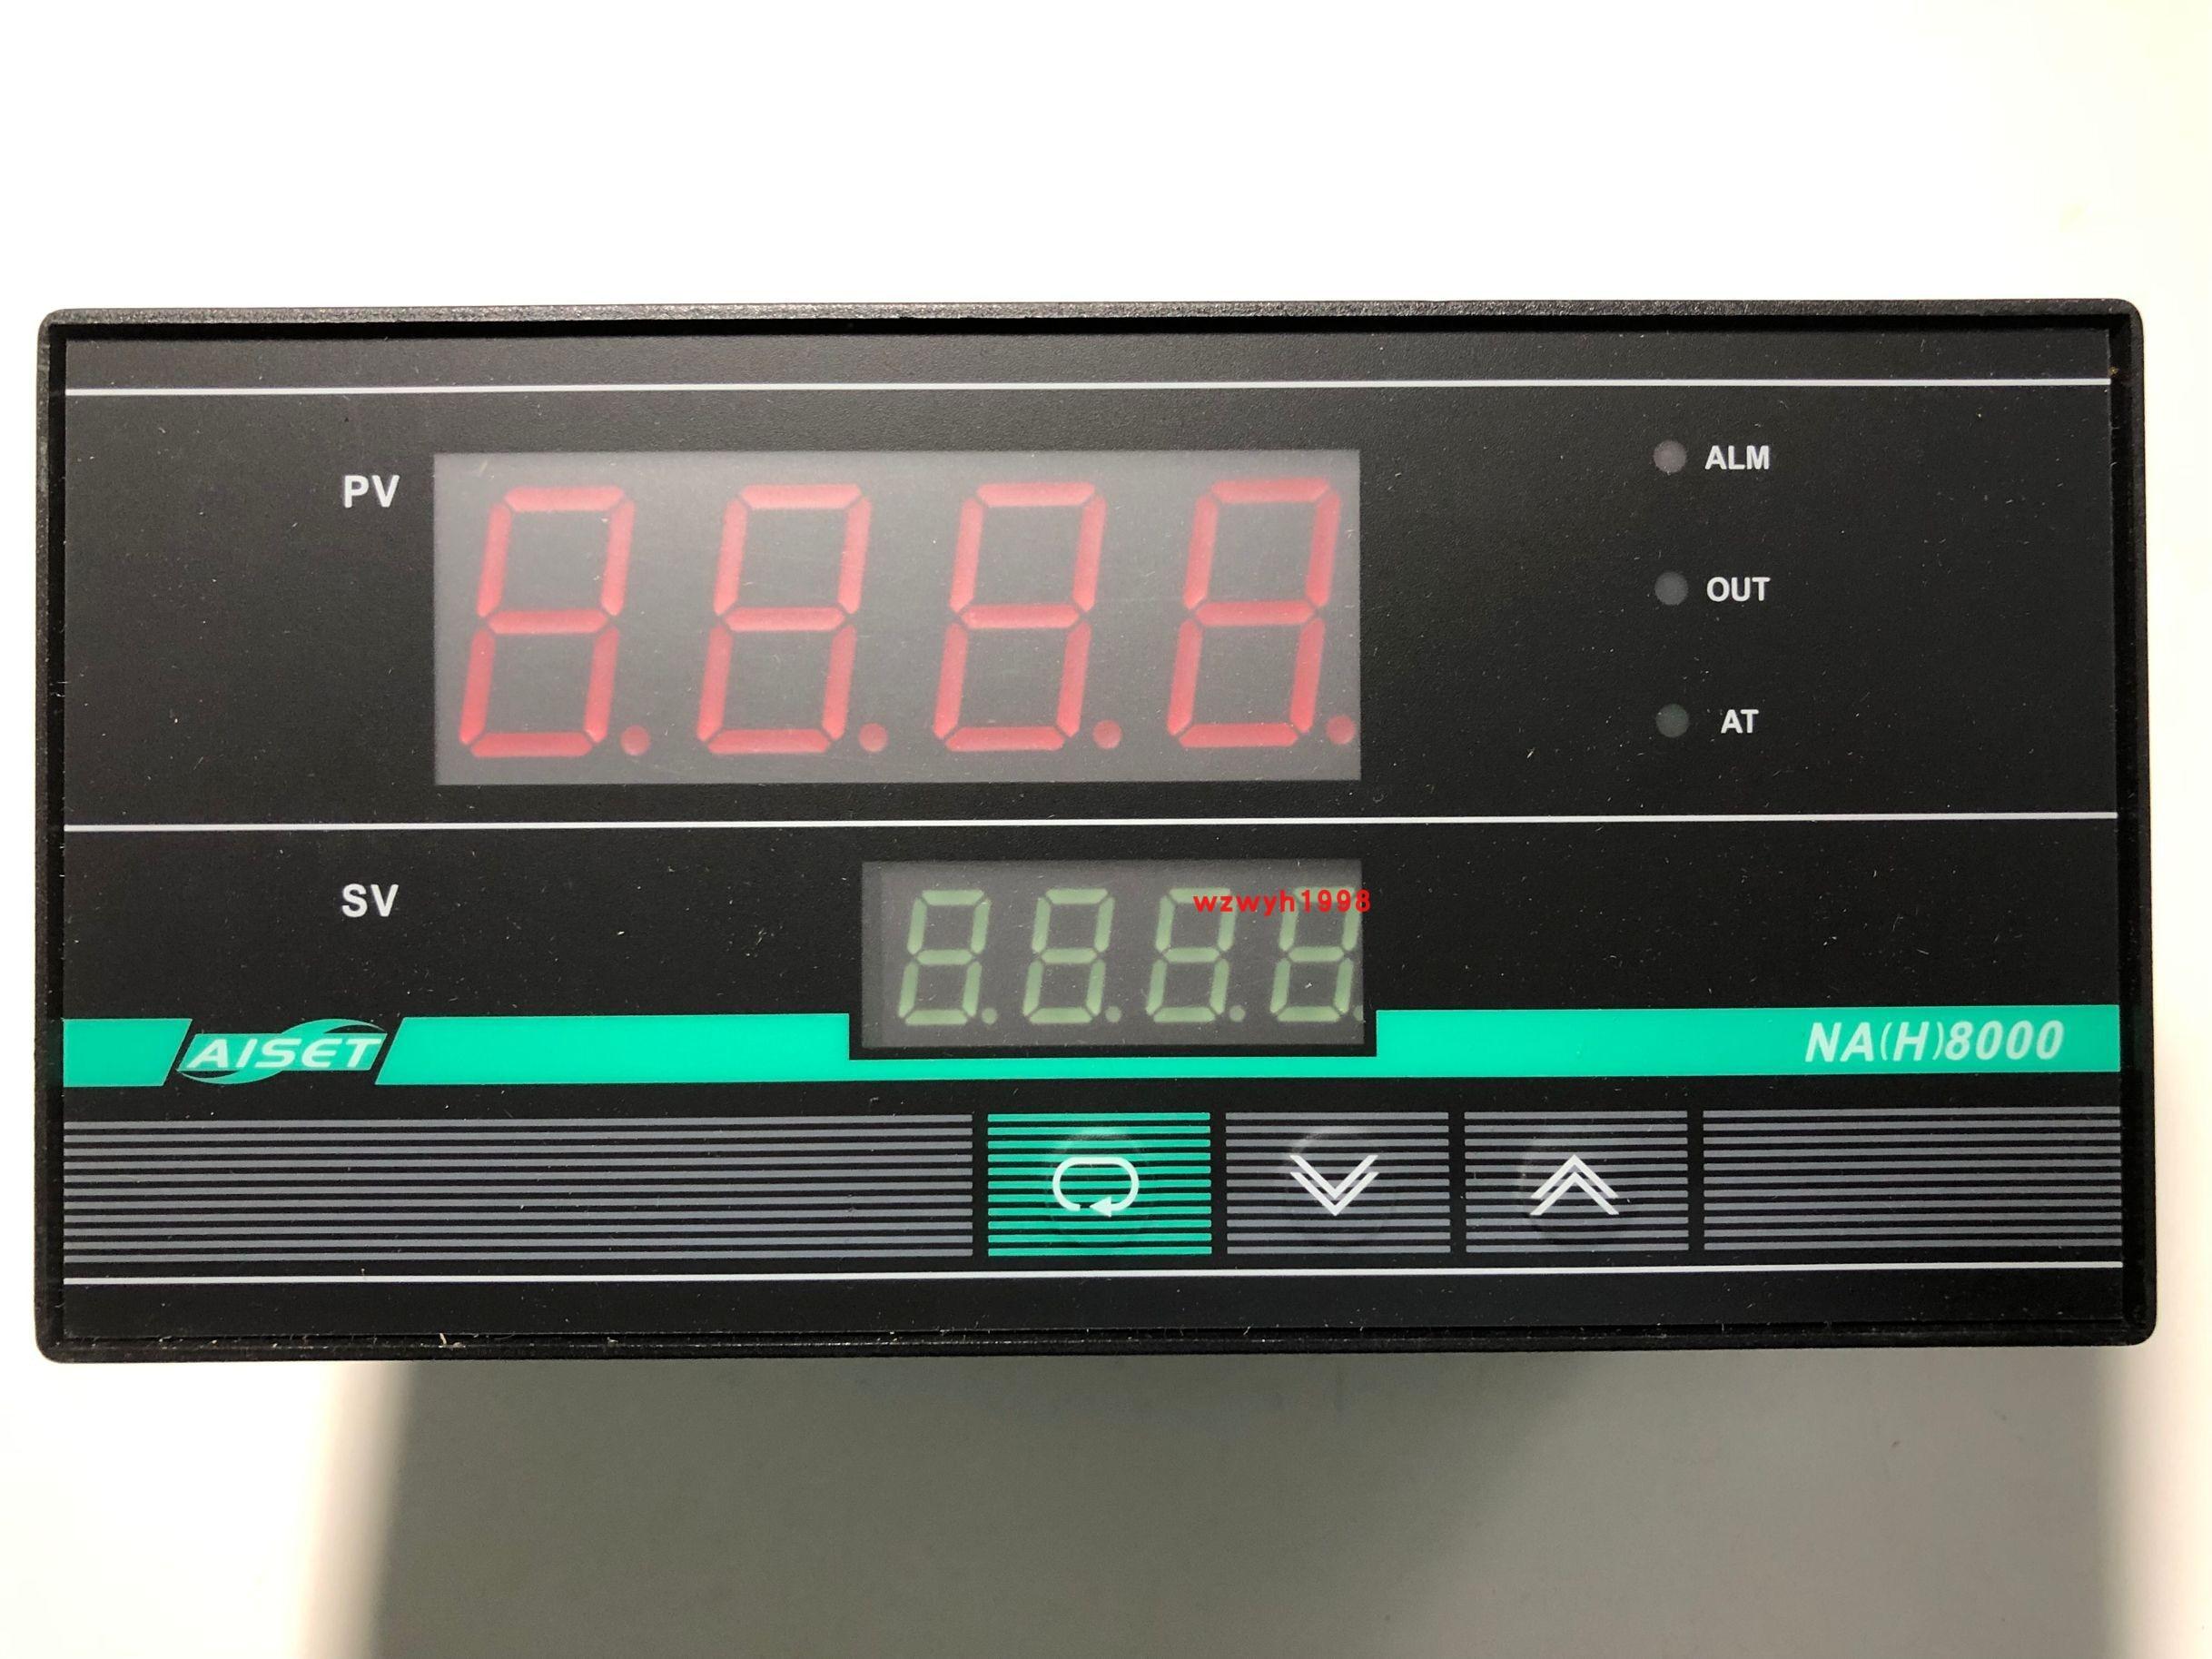 AISET شنغهاي AISET أداة NA(H)-8430 فولت عالية الدقة ترموستات NA(H)8000 NA(H)-8430 فولت K 400 ℃ NA(H)-8430 فولت PT100 400 ℃